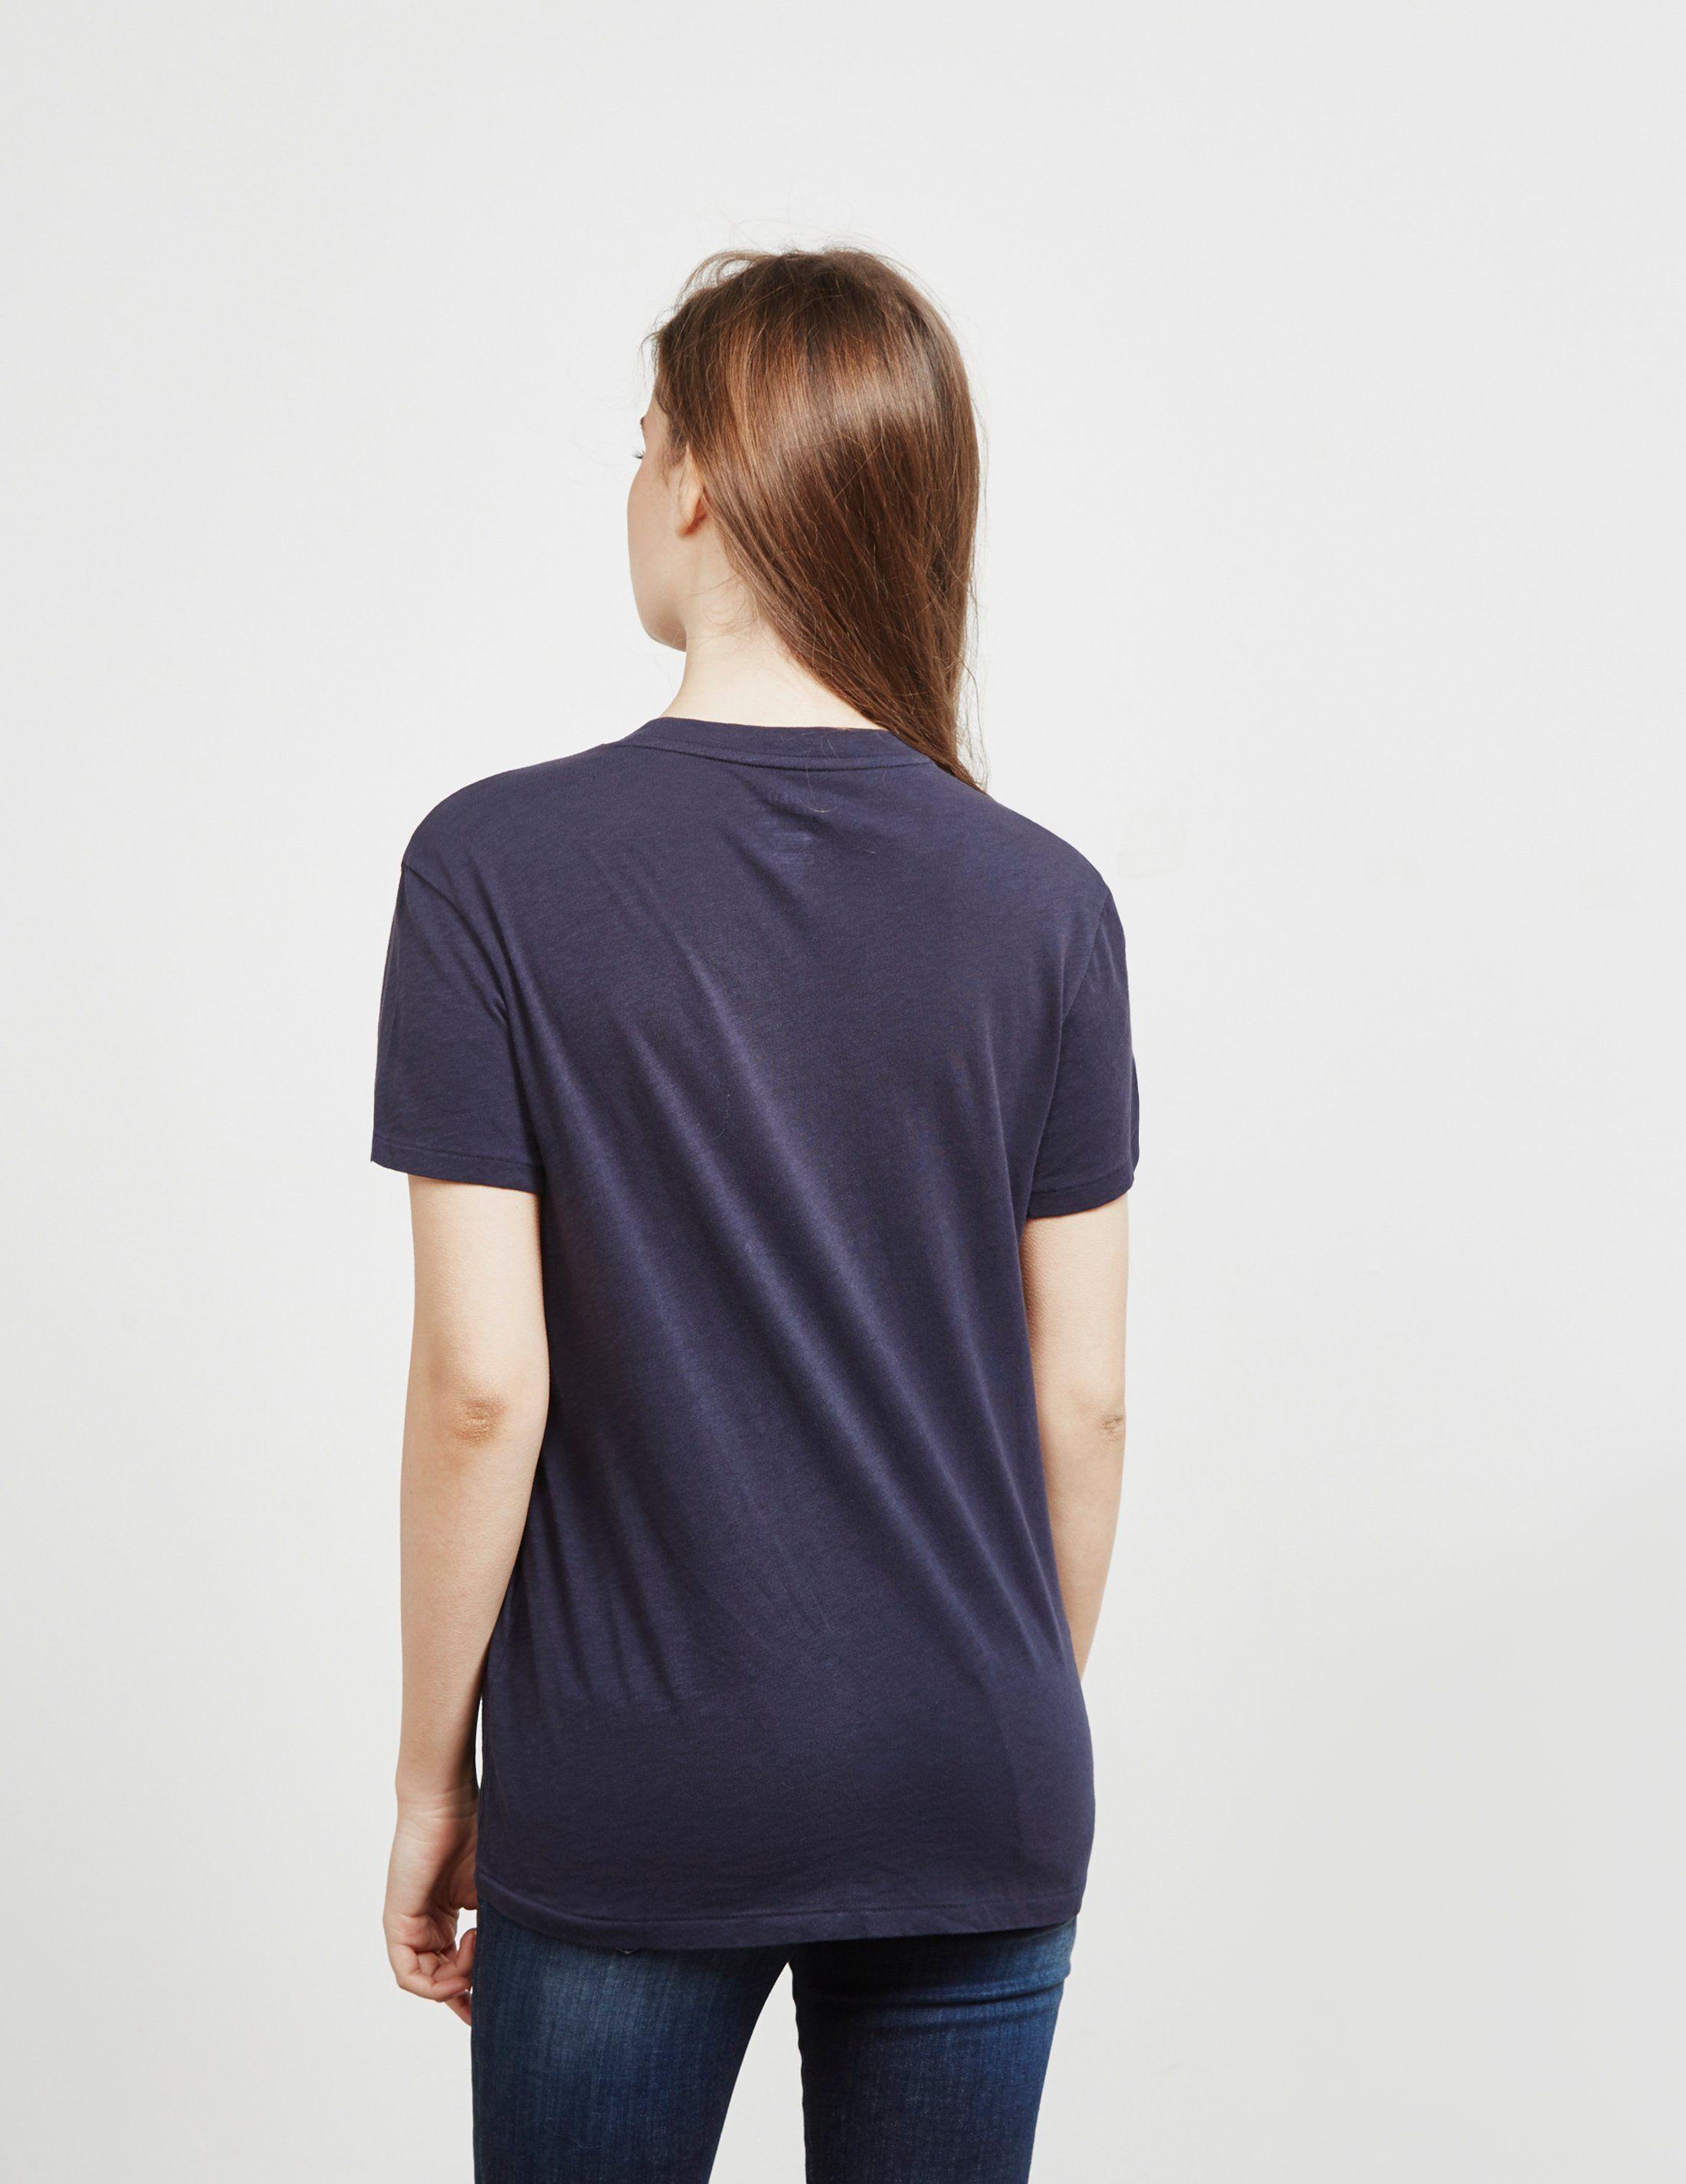 Polo Ralph Lauren Embroidered Logo Short Sleeve T-Shirt